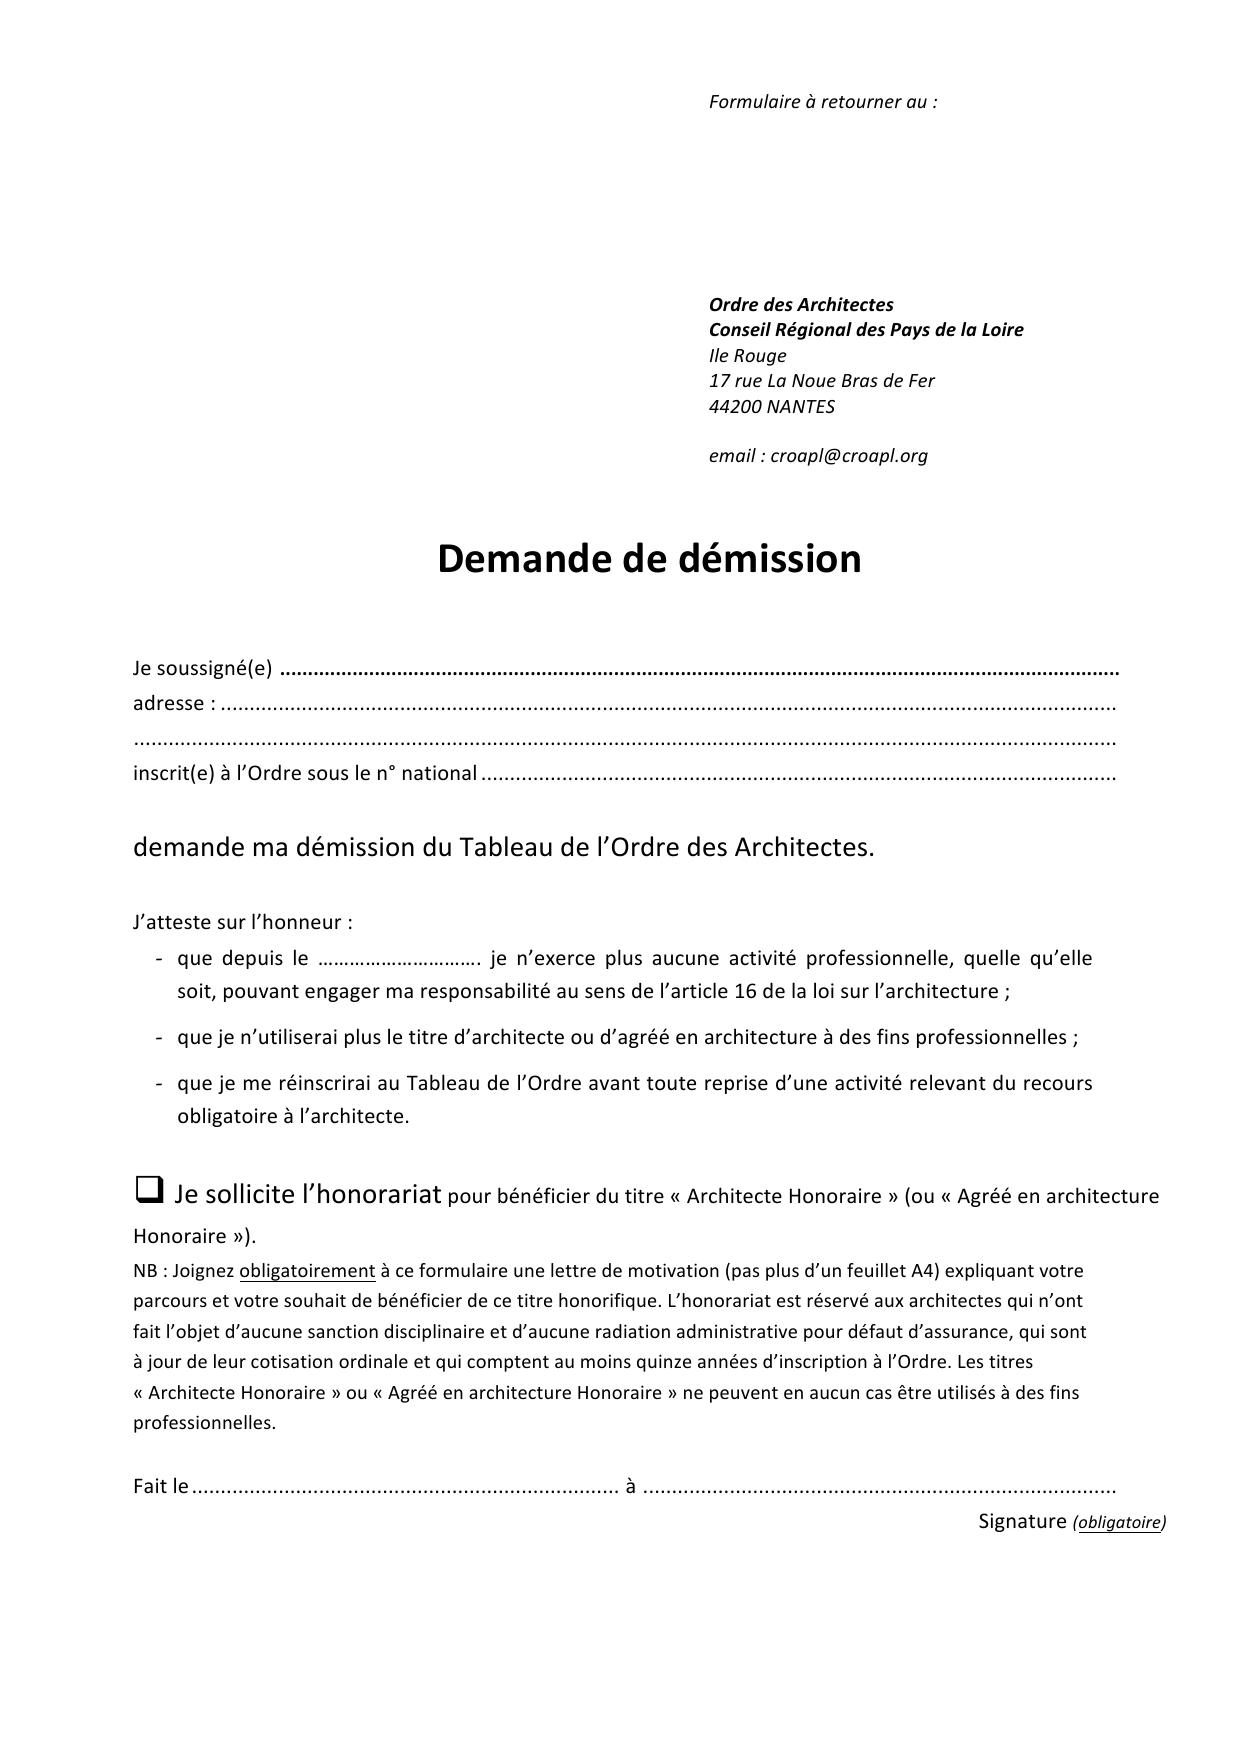 Liste Ordre Des Architectes téléchargement - ordre des architectes